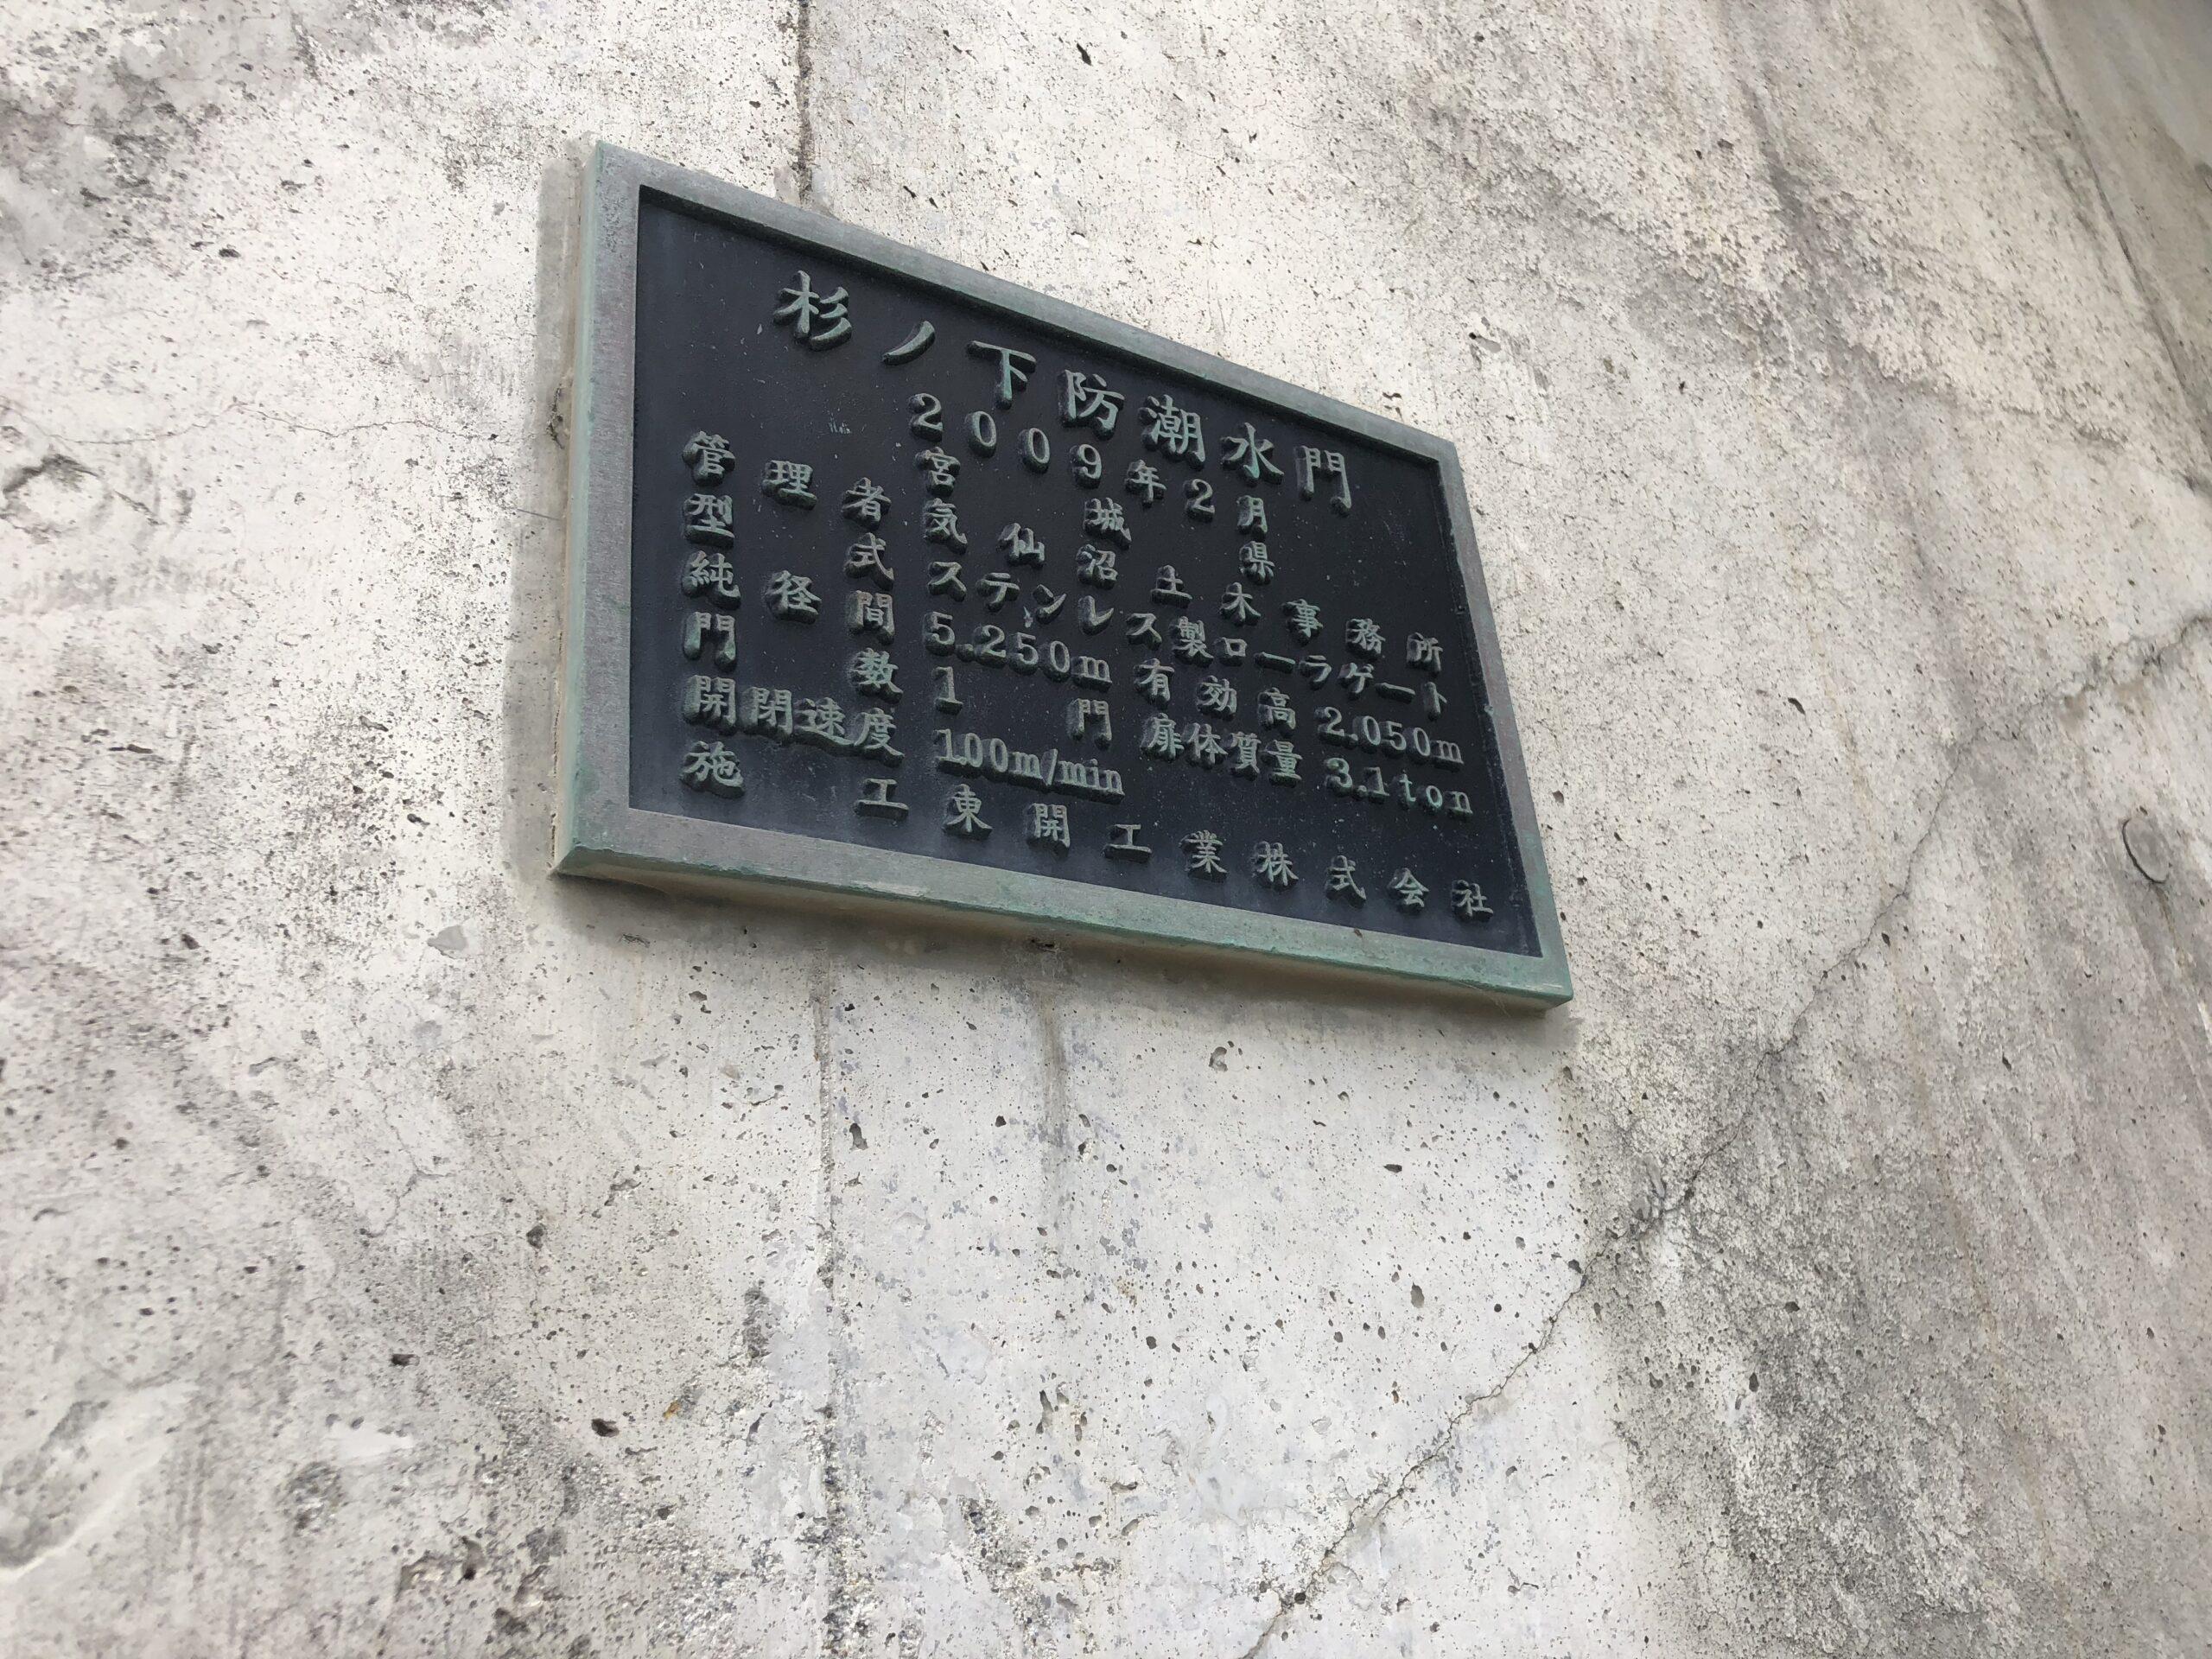 旧杉ノ下防潮水門(地域遺構)